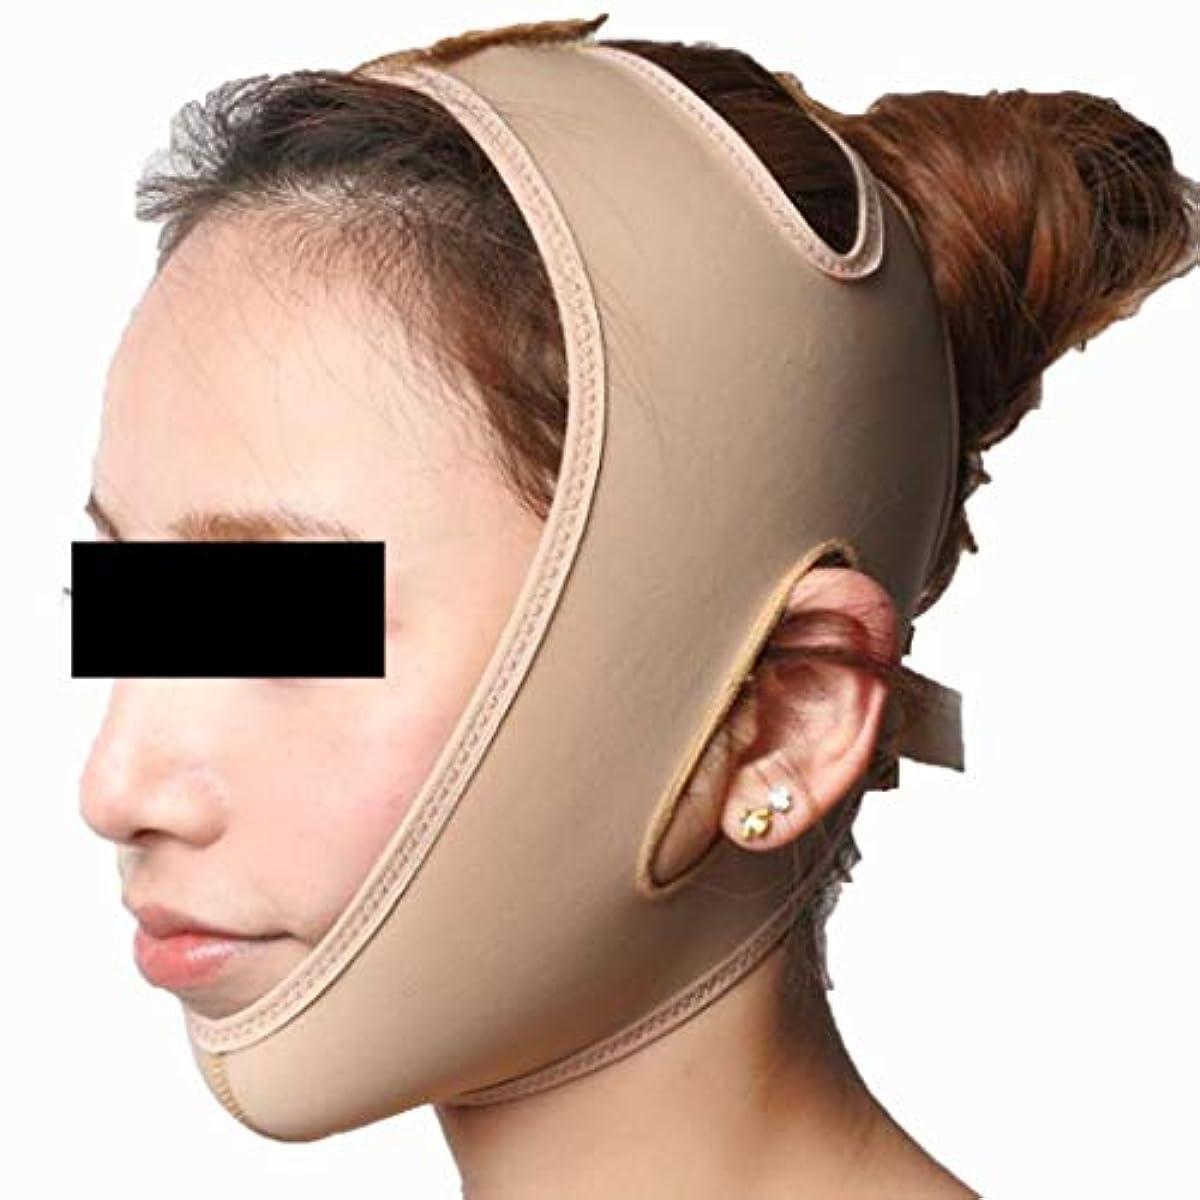 入口人口煙薄い顔包帯フェイススリム二重あごを取り除くVラインの顔の形を作成するあごの頬リフトアップアンチリンクル